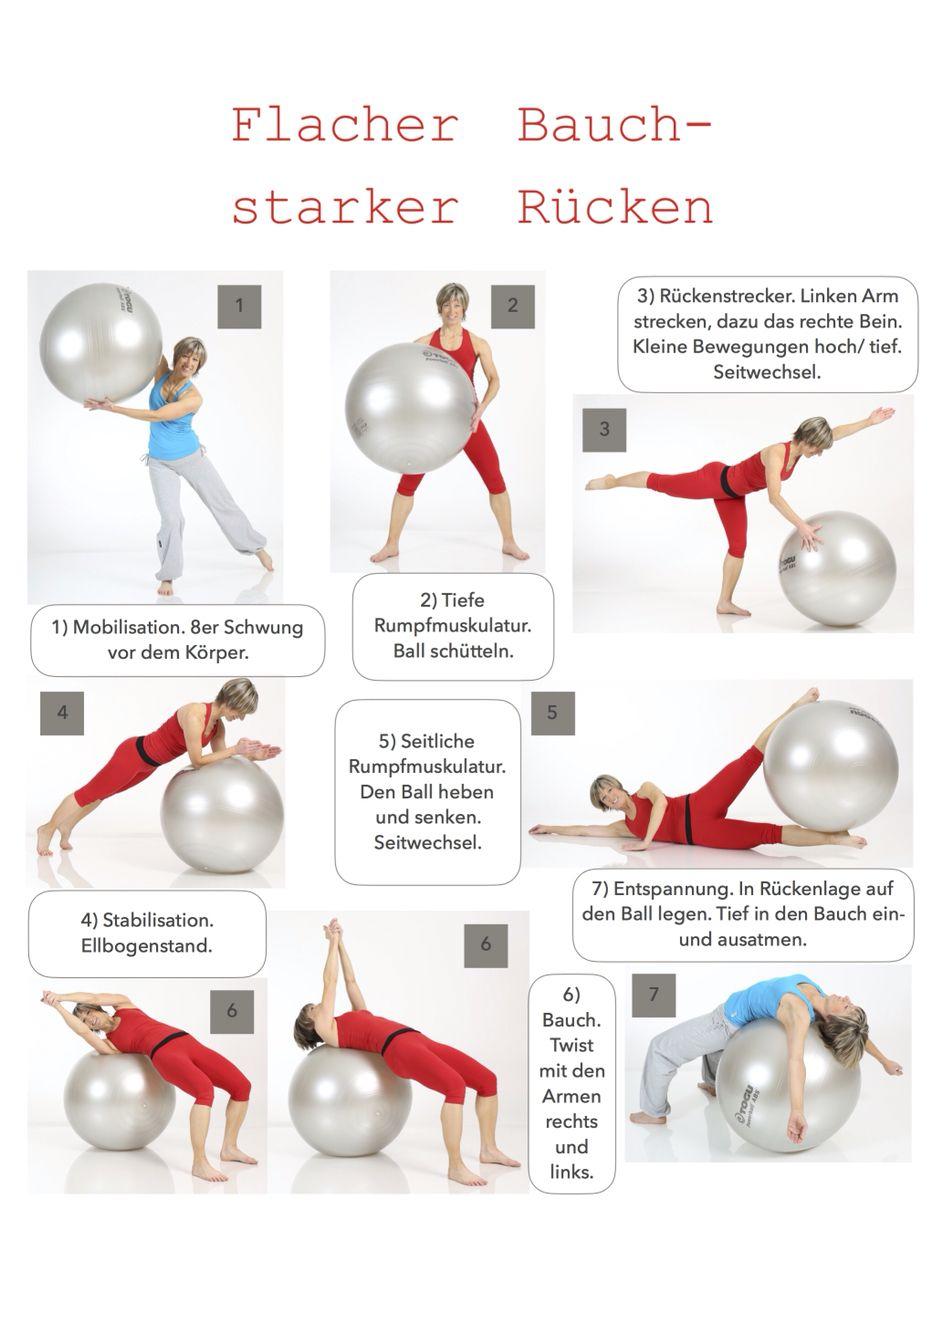 10 Minuten für einen flachen Bauch und einen starken Rücken! Mehr davon unter: http://www.brasil-workout.de/Website/Trainings_Charts.html